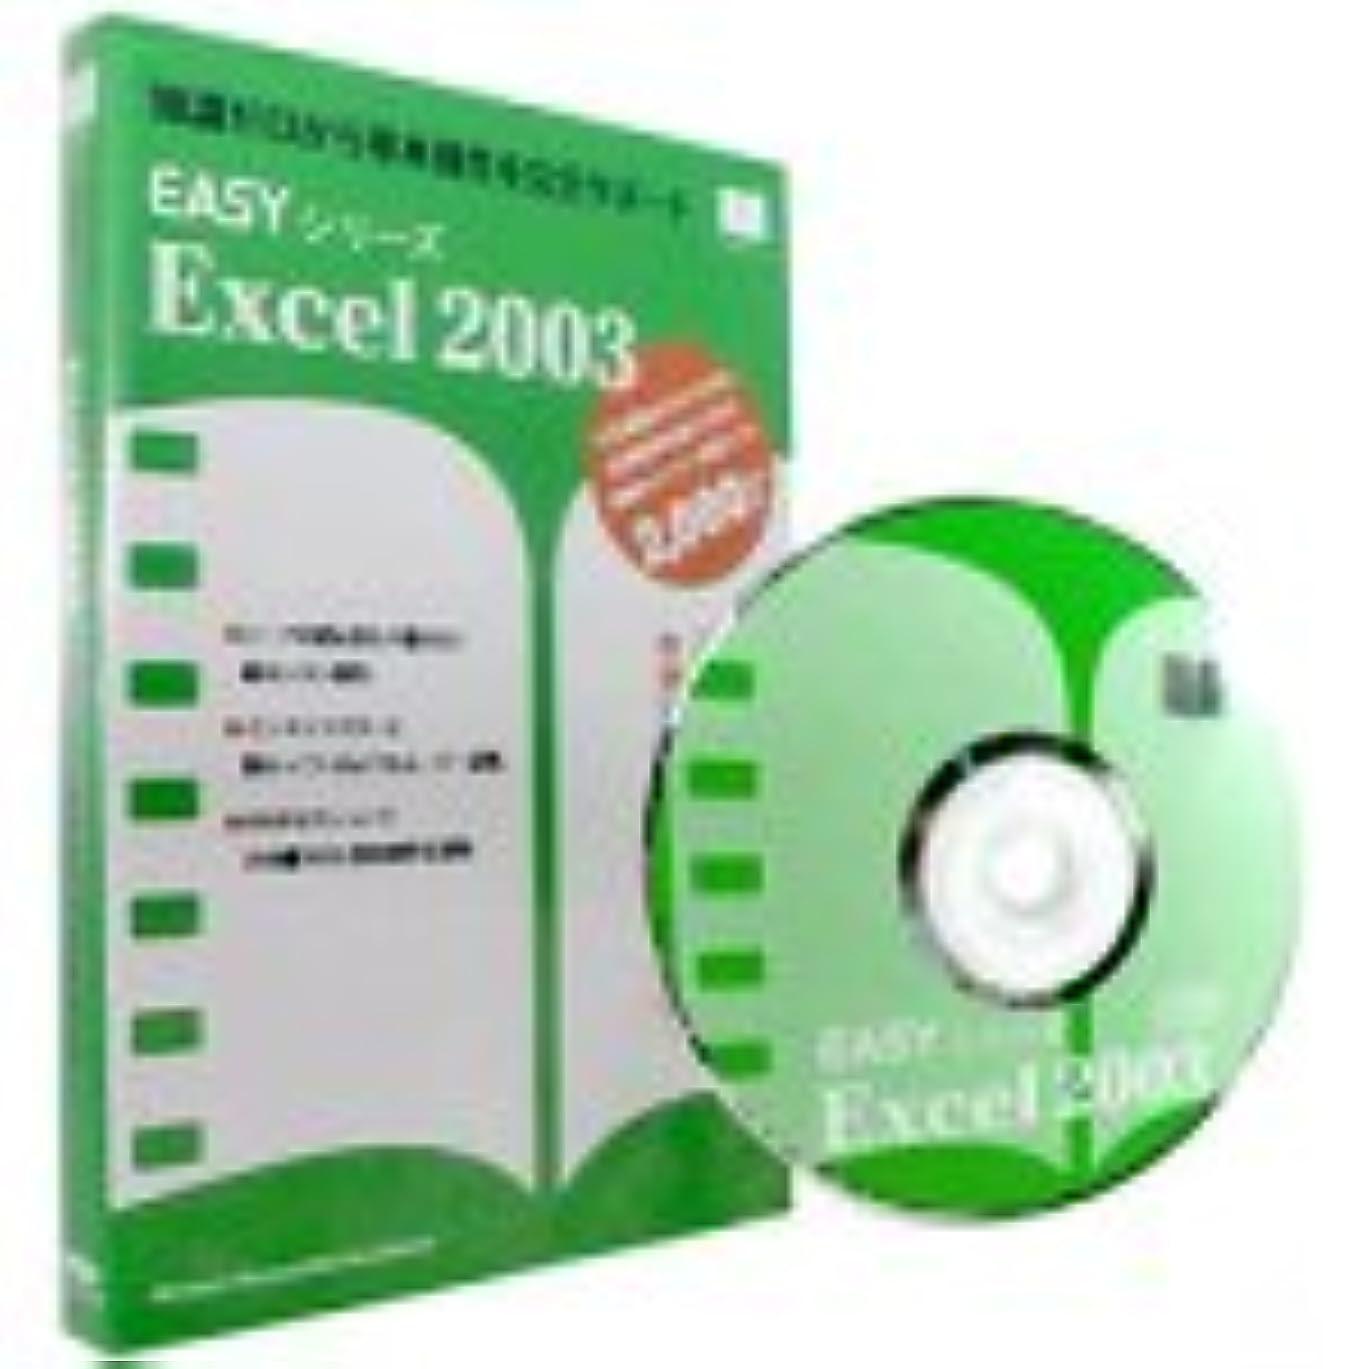 列挙するモール擬人化Easyシリーズ Excel2003 (スリムパッケージ版)